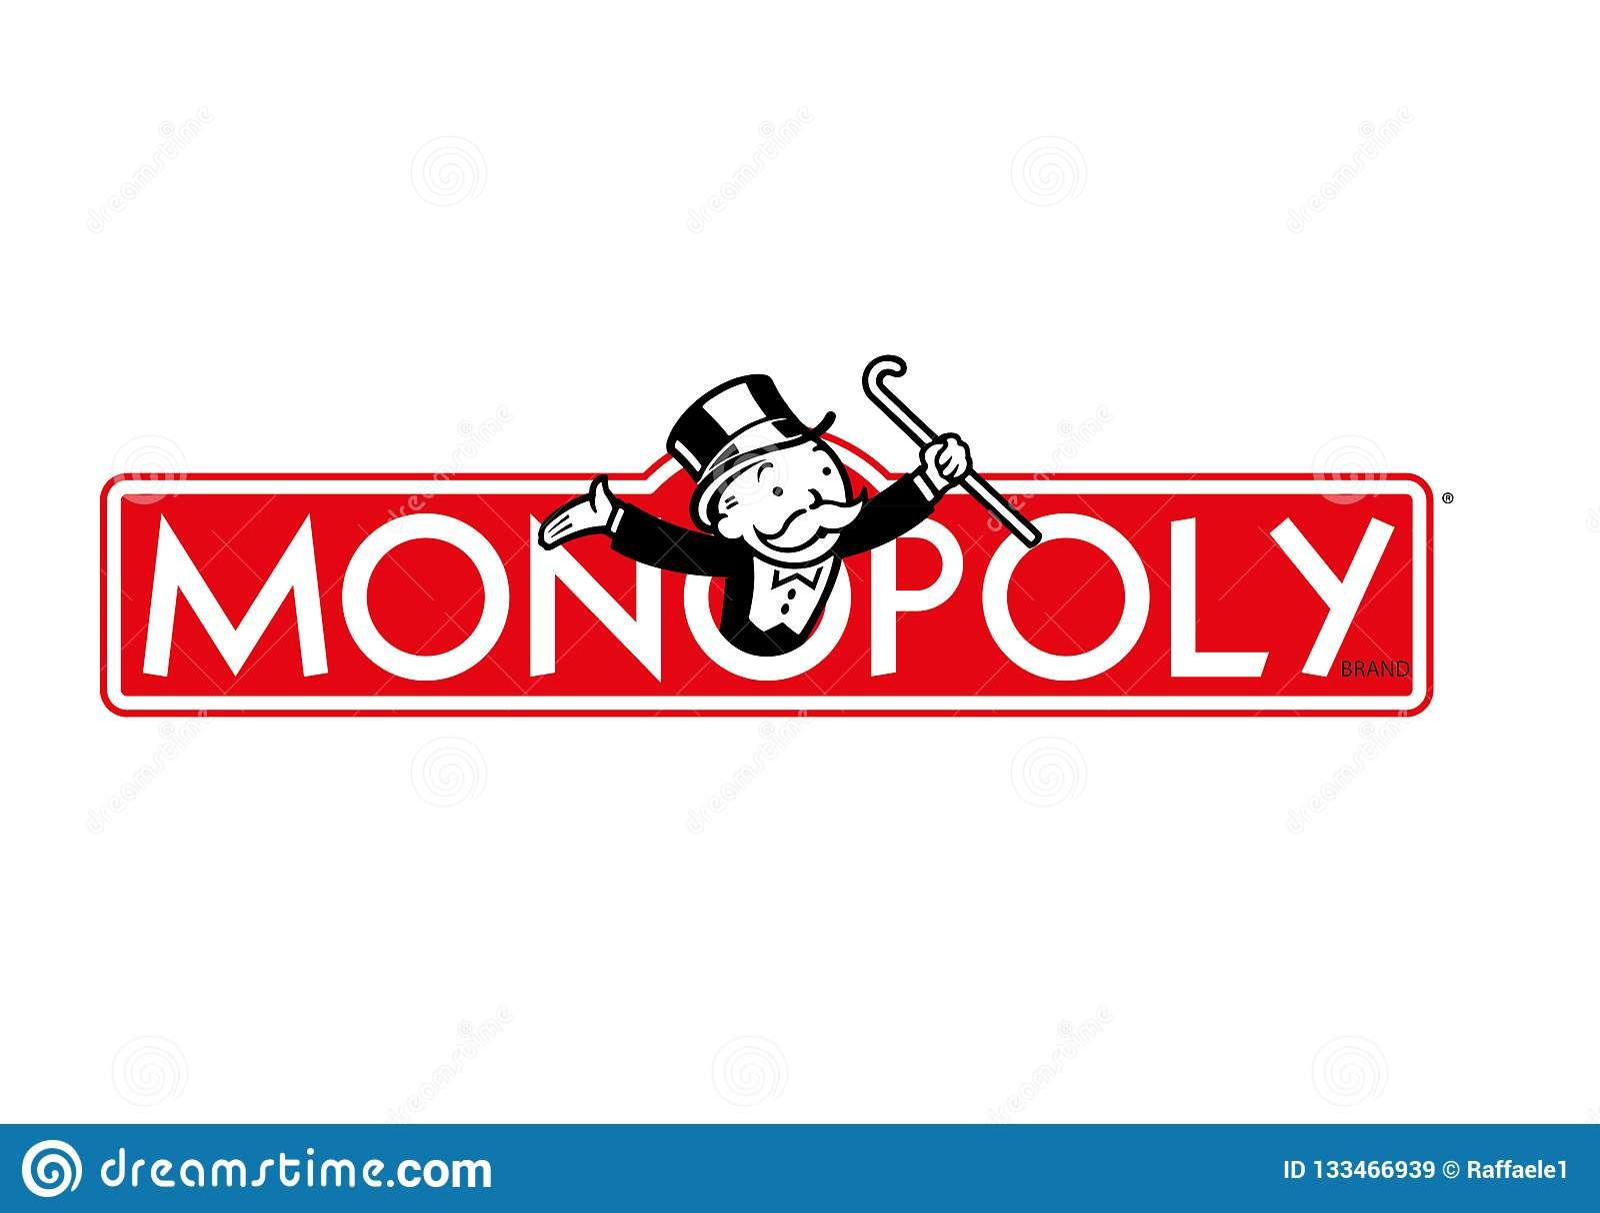 Monopolu logo